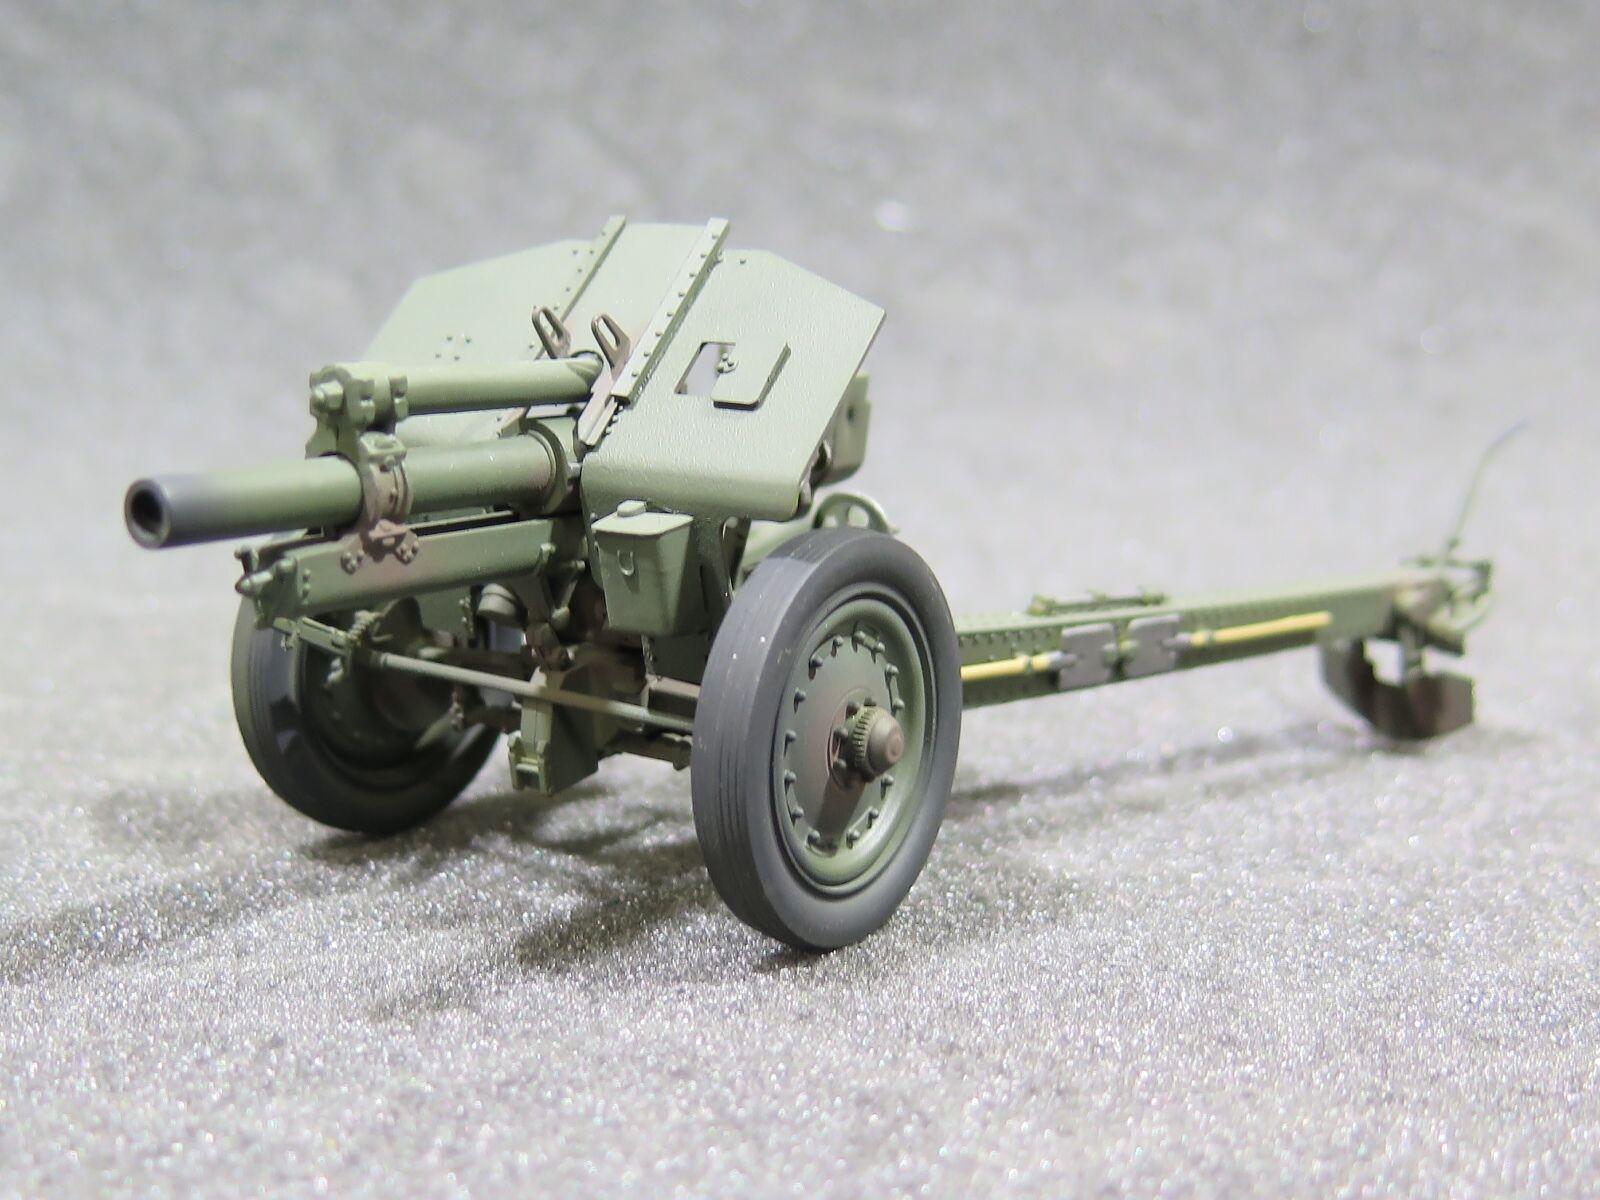 connotación de lujo discreta Mi0682 1 35 PRO BUILT - Resin Maquette Maquette Maquette Soviet D-1 152-mm Howitzer  minoristas en línea